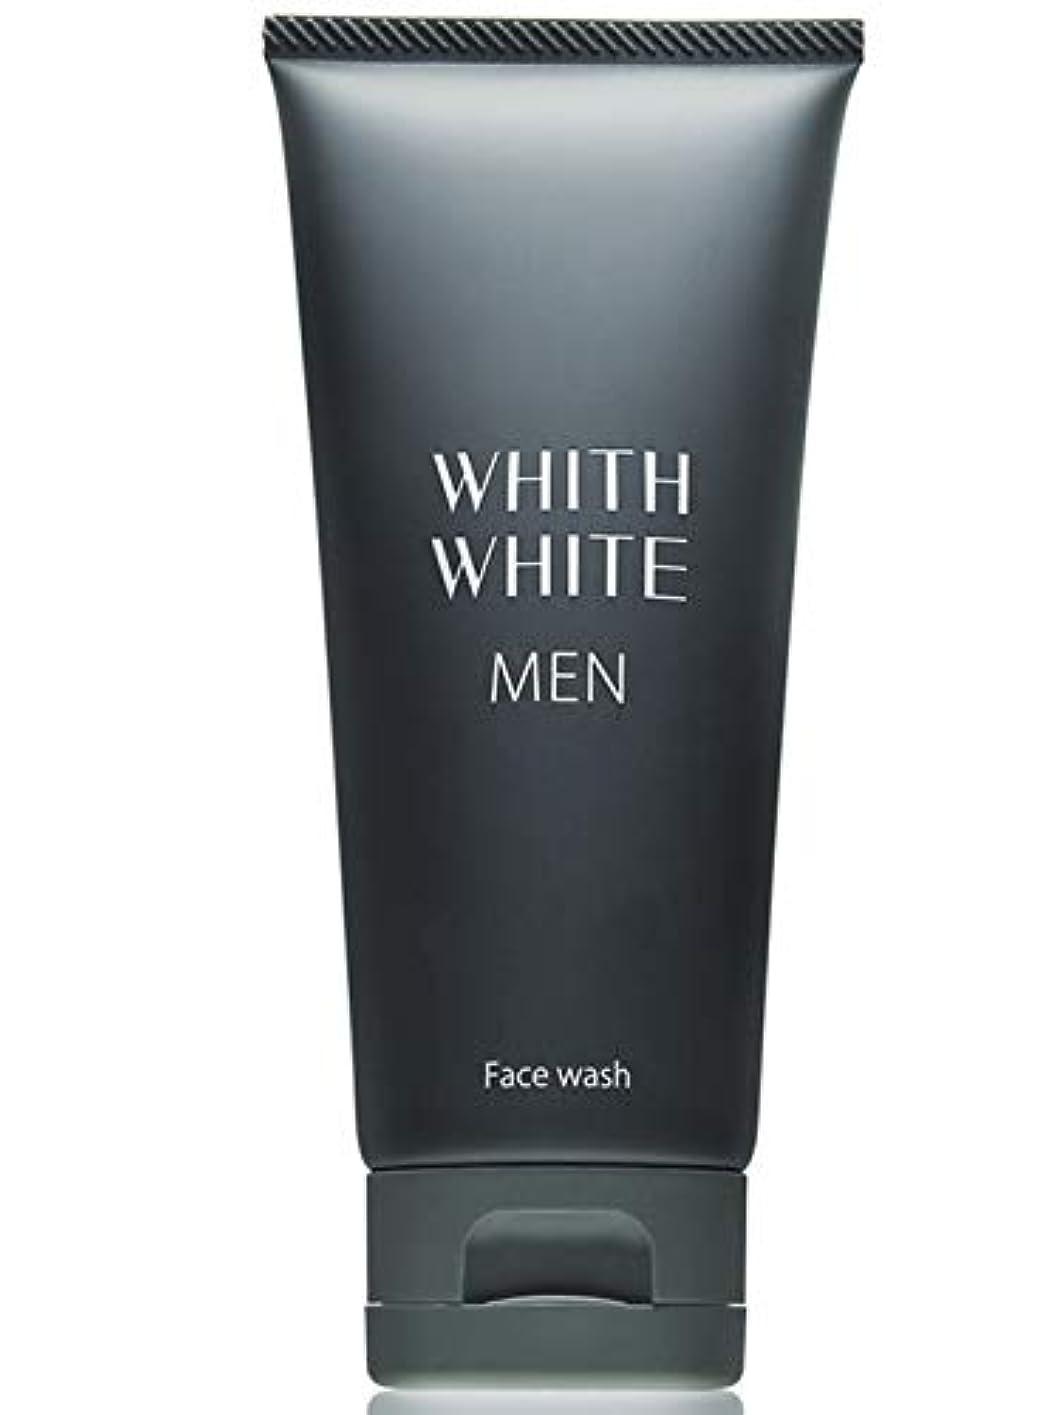 セラフパンサーピック洗顔 メンズ 医薬部外品 【 男 の しみ くすみ 対策 】 フィス ホワイト 「 30代~50代の 男性 専用 洗顔フォーム 」「 保湿 ヒアルロン酸 配合 洗顔料 」(男性用 スキンケア 化粧品 )95g